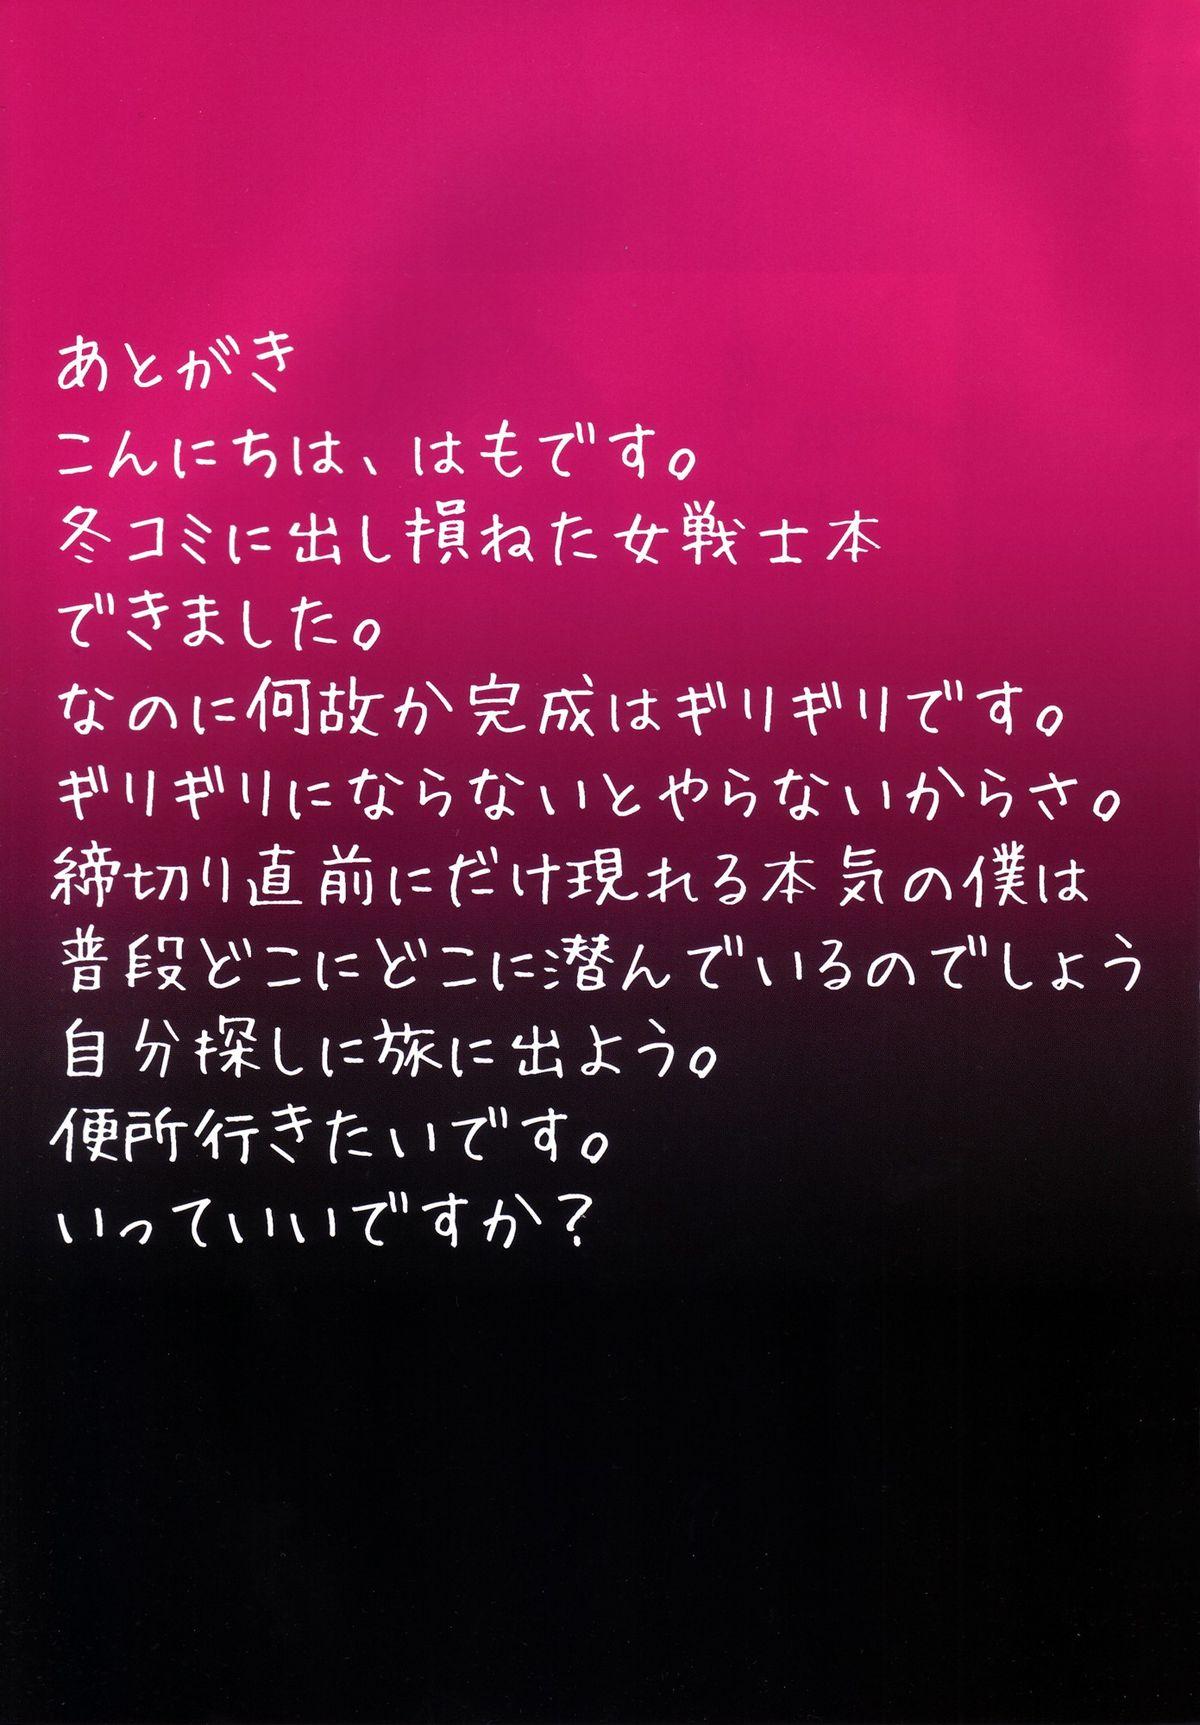 nan-no-koto-daka-wakarimasenshi 16